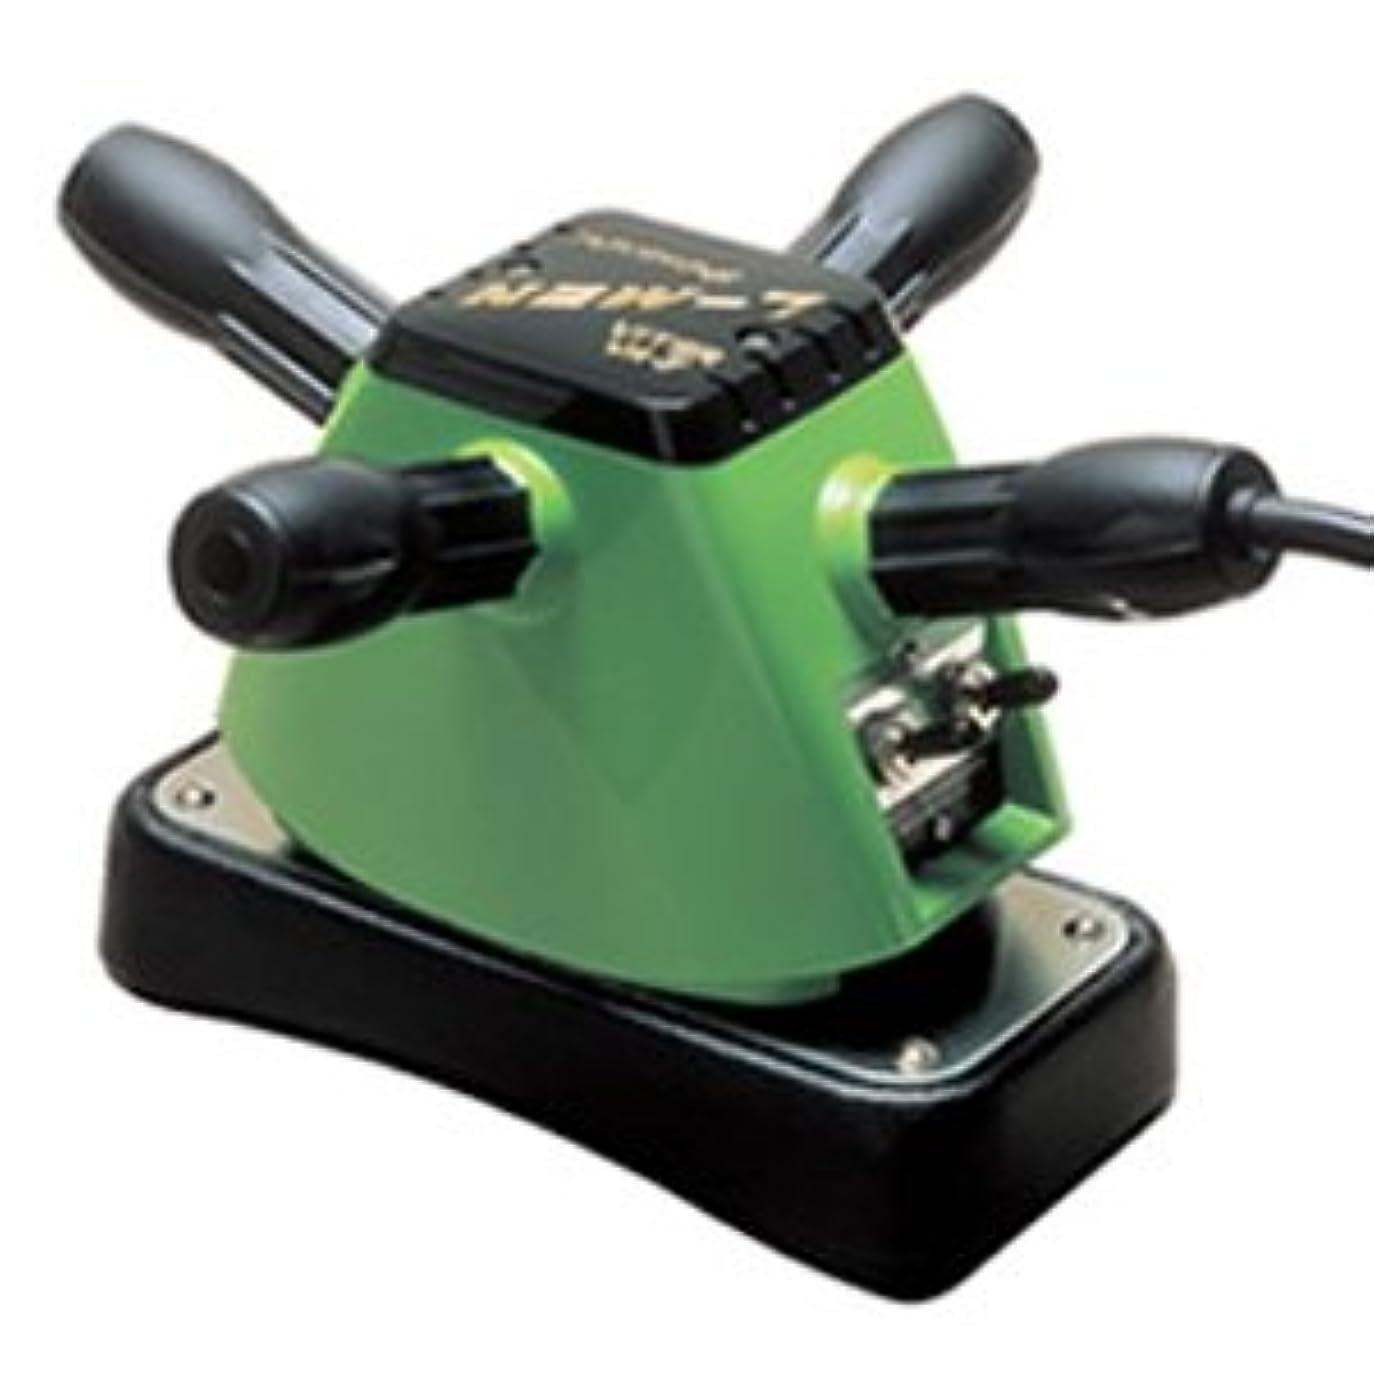 アラート消費夜明けにビッグフィールド レイマックス バイター NEW-7+ゲルマニウムスリムローラーEX (ゴールド)セット